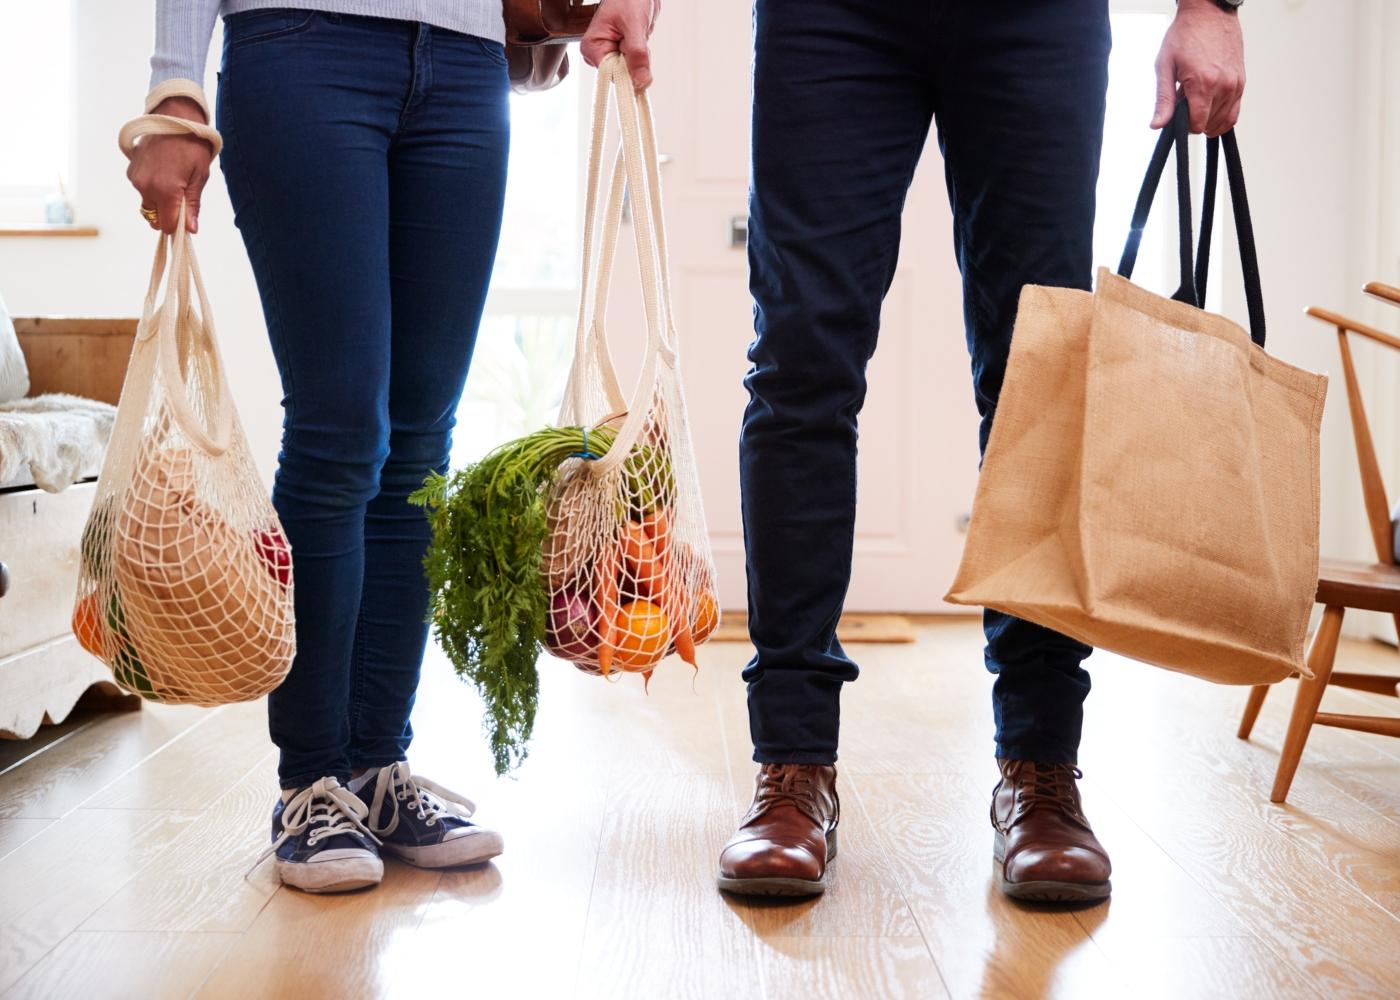 alimentos biológicos em sacos ecológicos